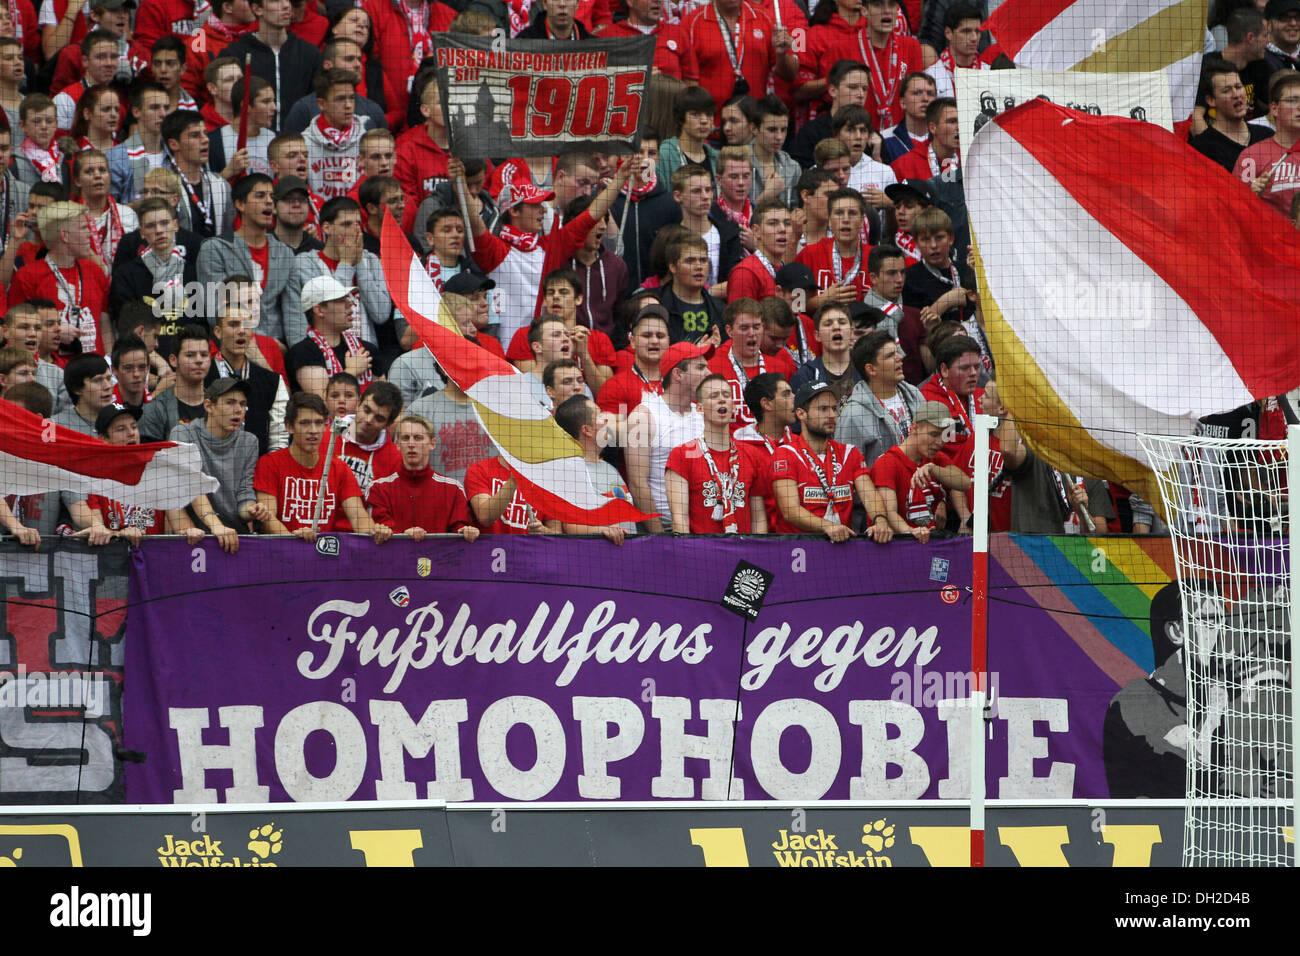 Fans of FSV Mainz 05 football club showing a banner 'Fussballfans gegen Homophobie', German for 'football fans against - Stock Image